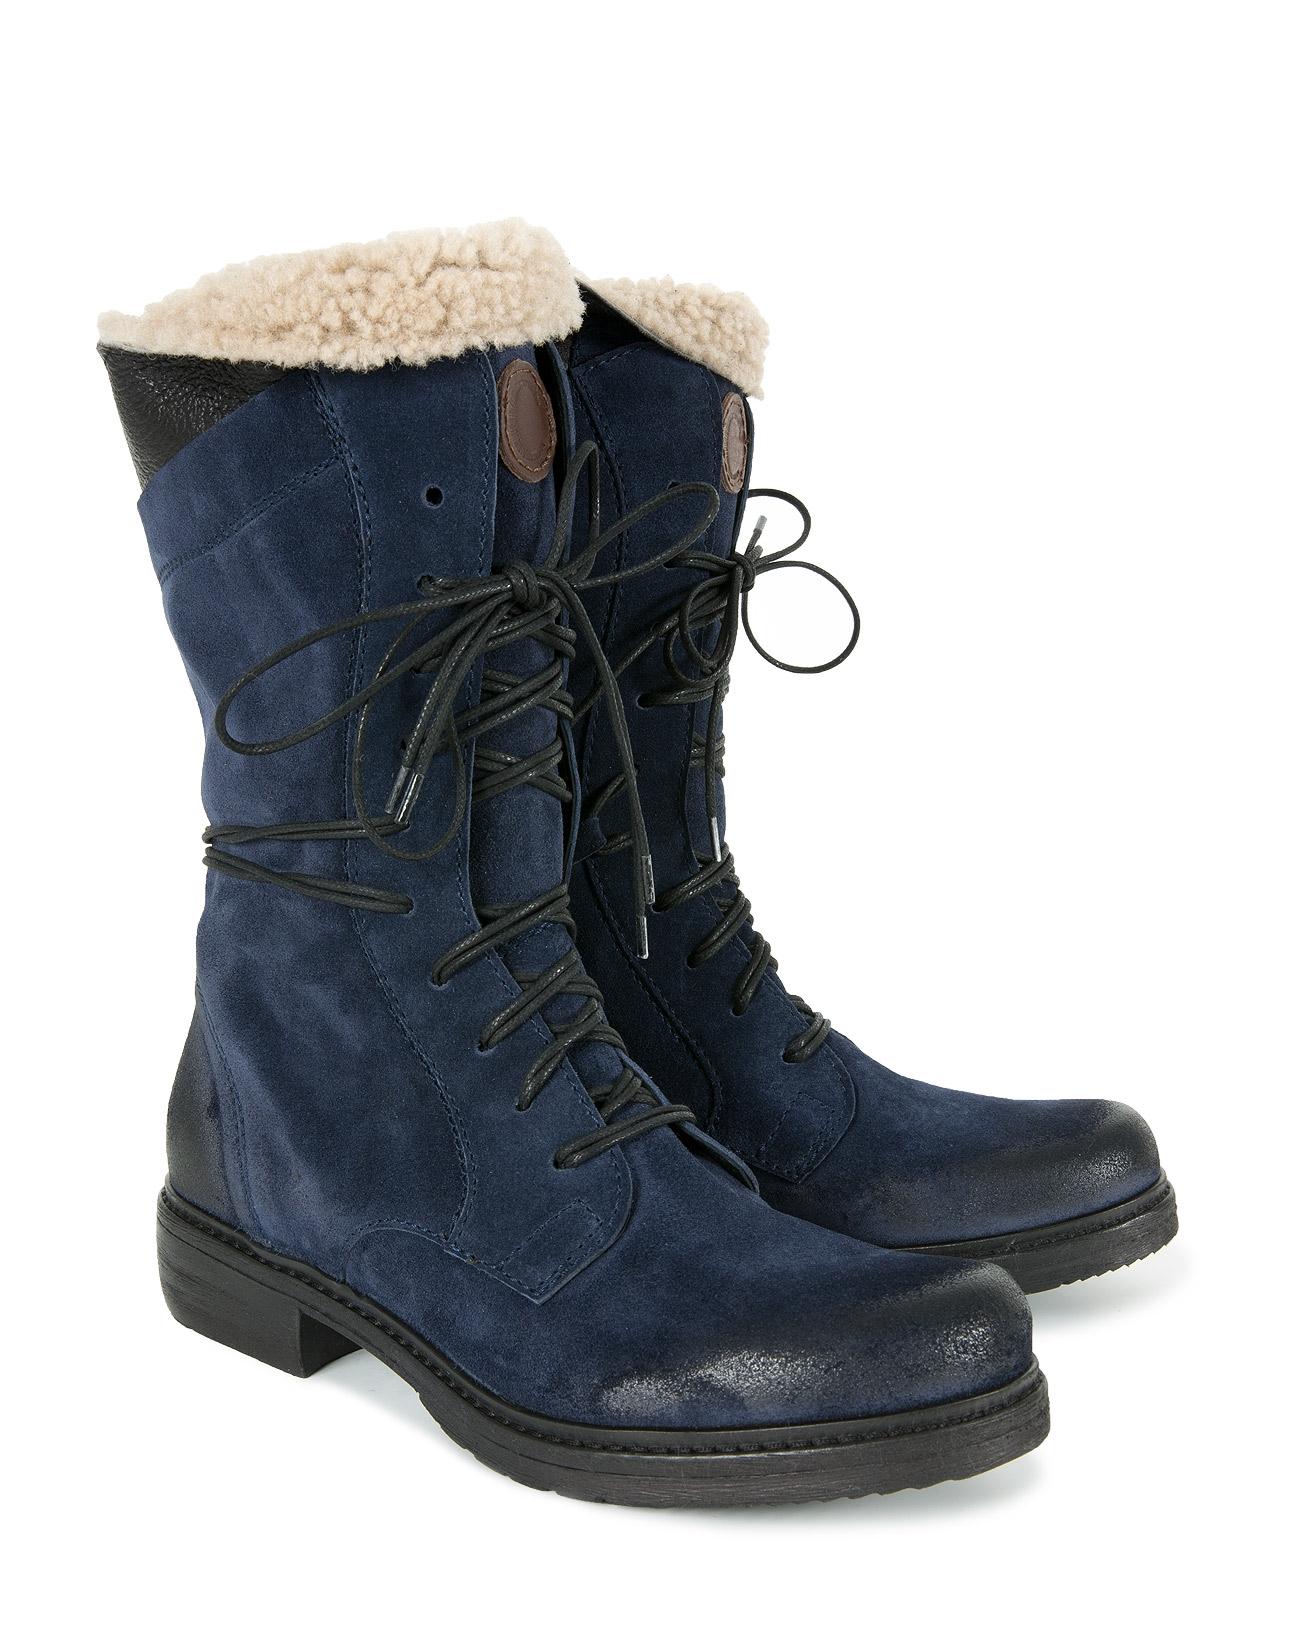 Woodsman Boots - Size 38 - Navy - 1161